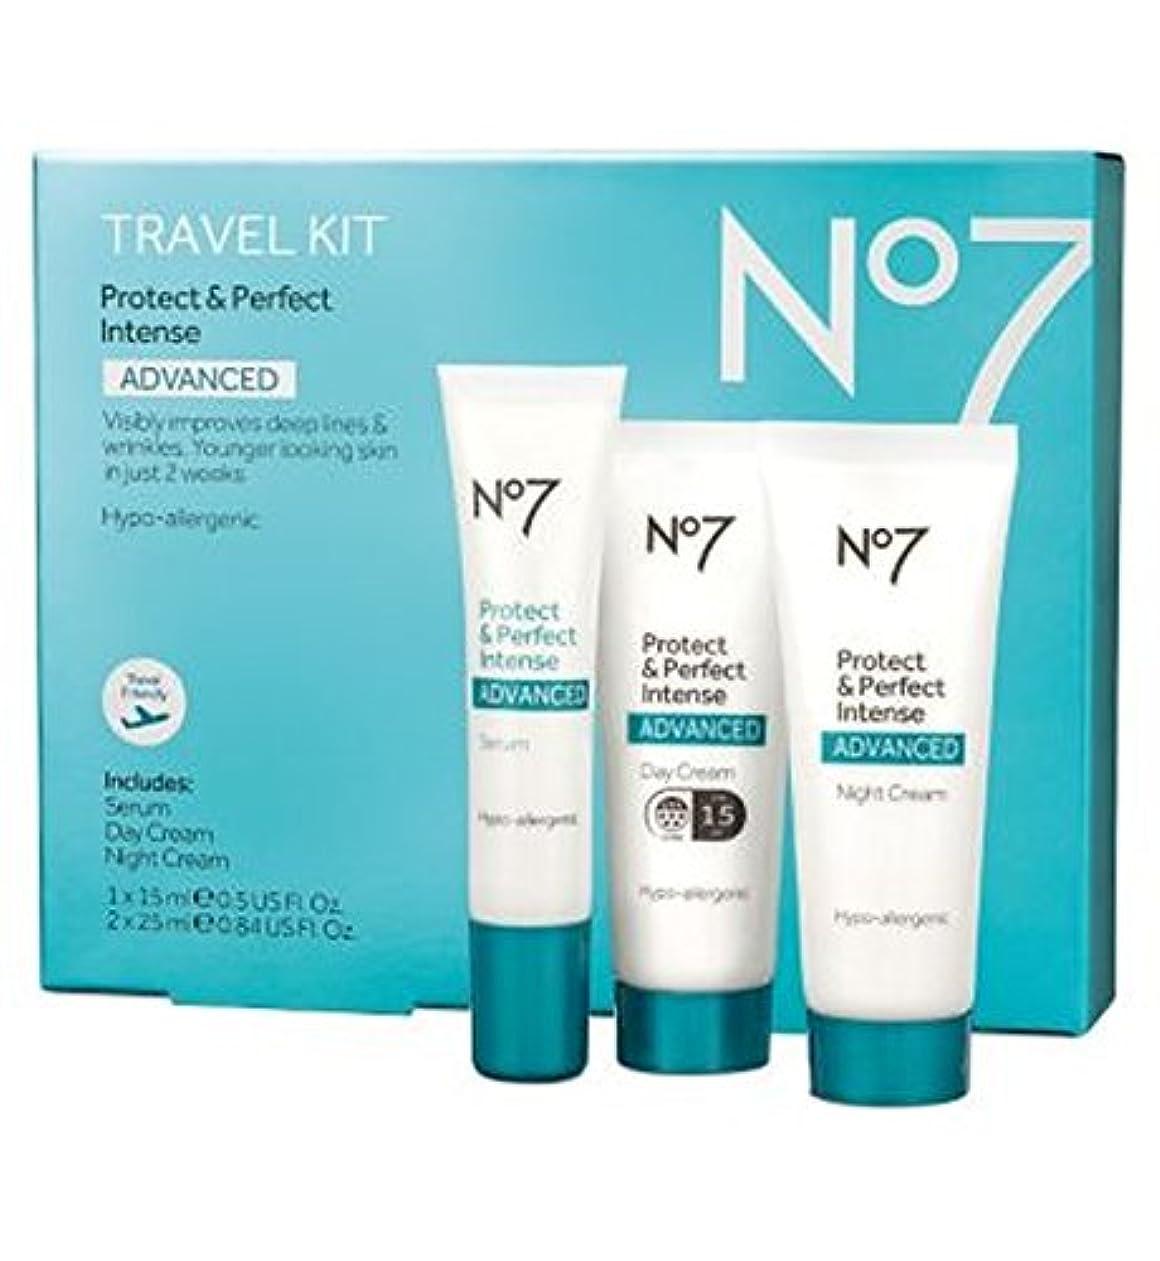 勧告分子図書館No7 Protect & Perfect Intense ADVANCED Travel Kit - No7保護&完璧な強烈な高度な旅行キット (No7) [並行輸入品]